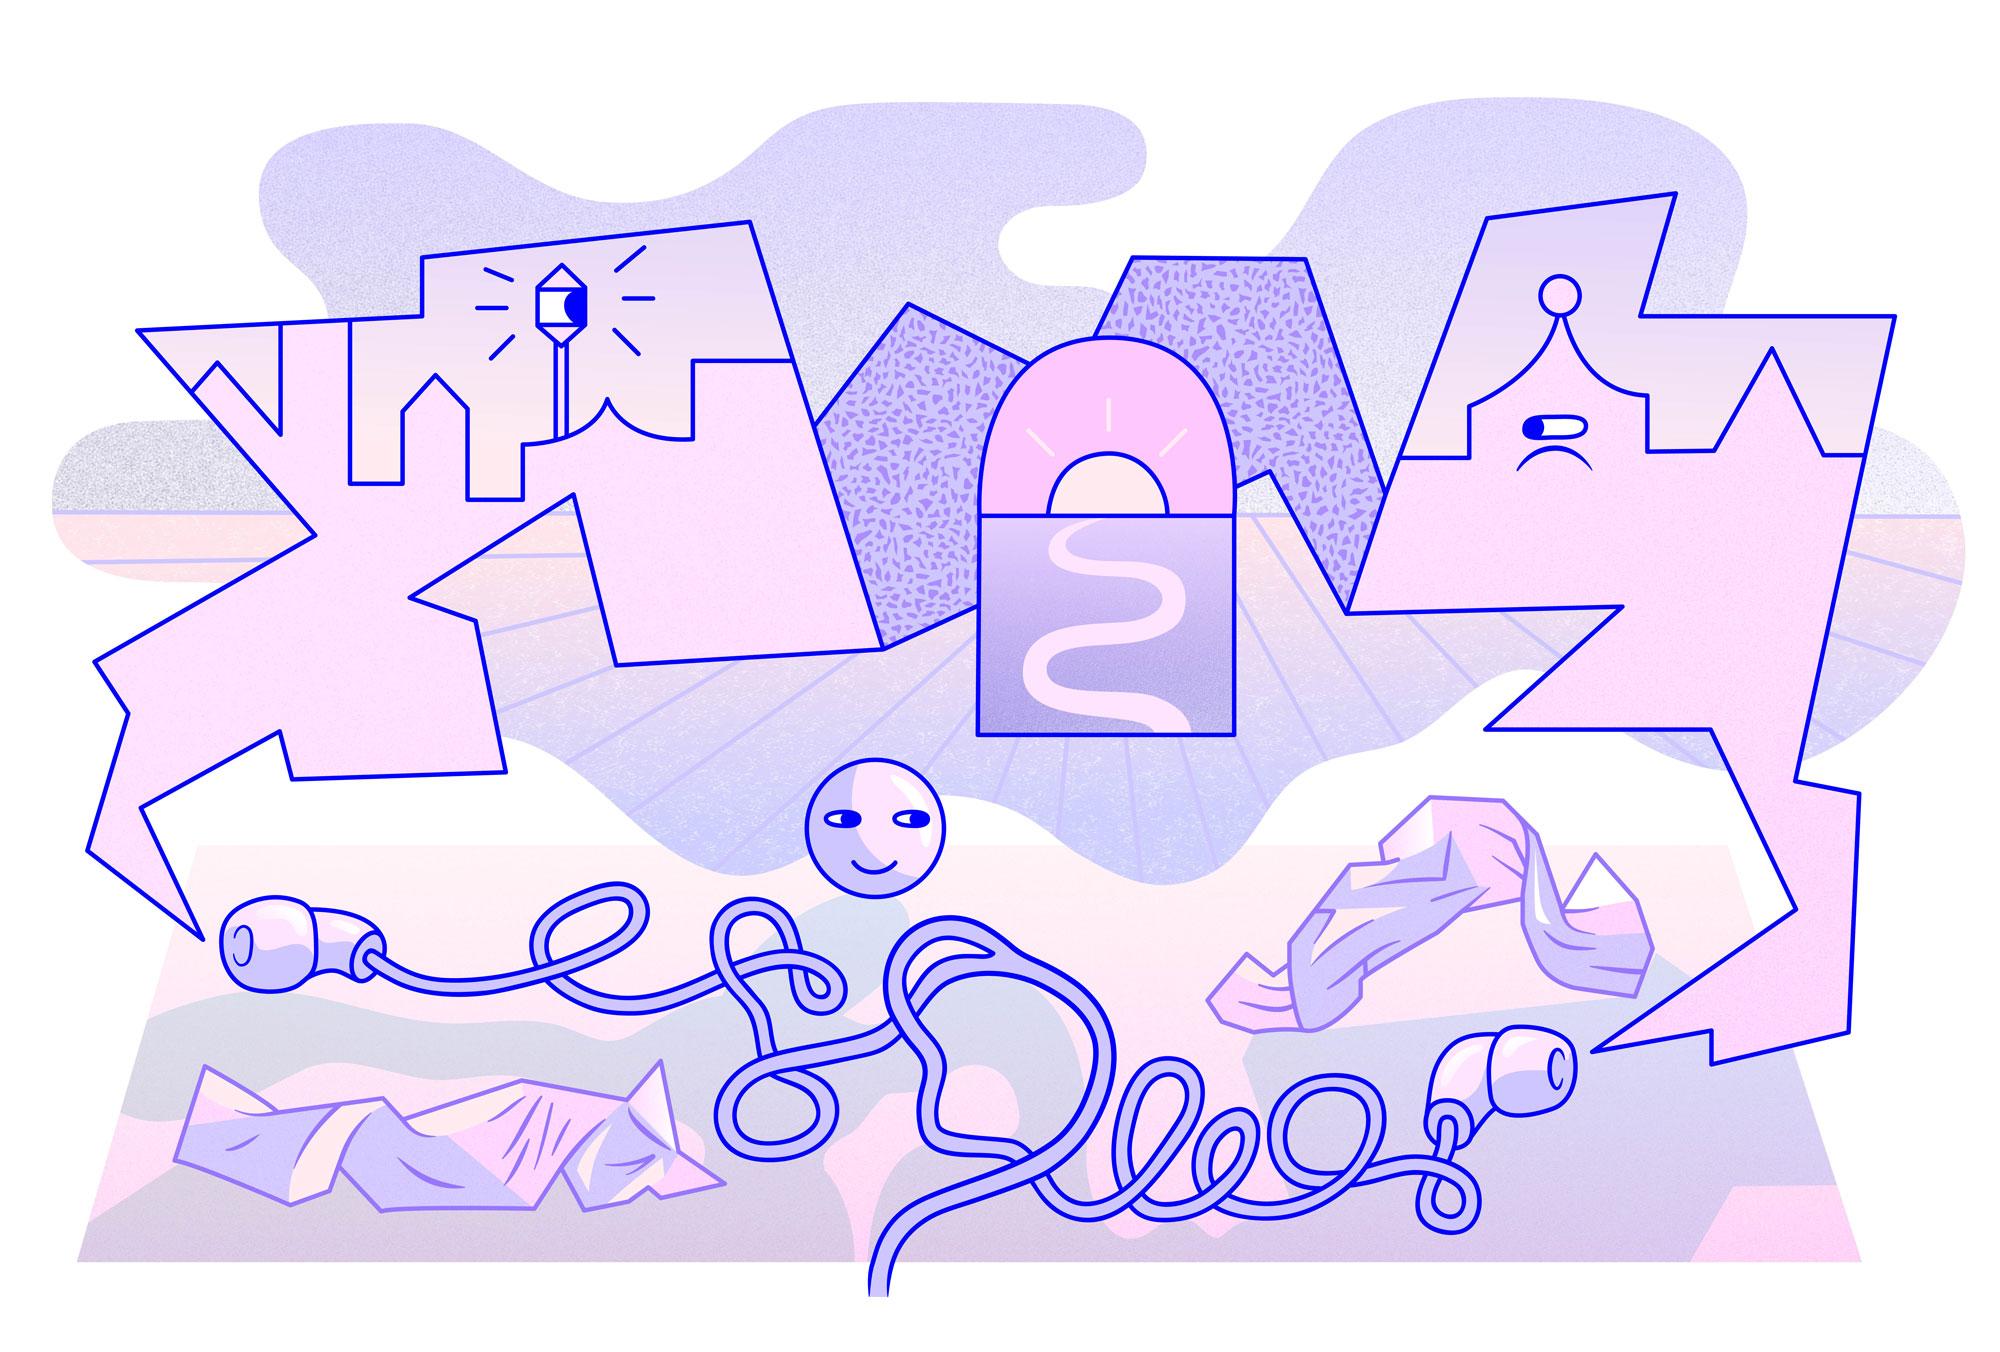 06-Identitet-300-ppi_web2.jpg